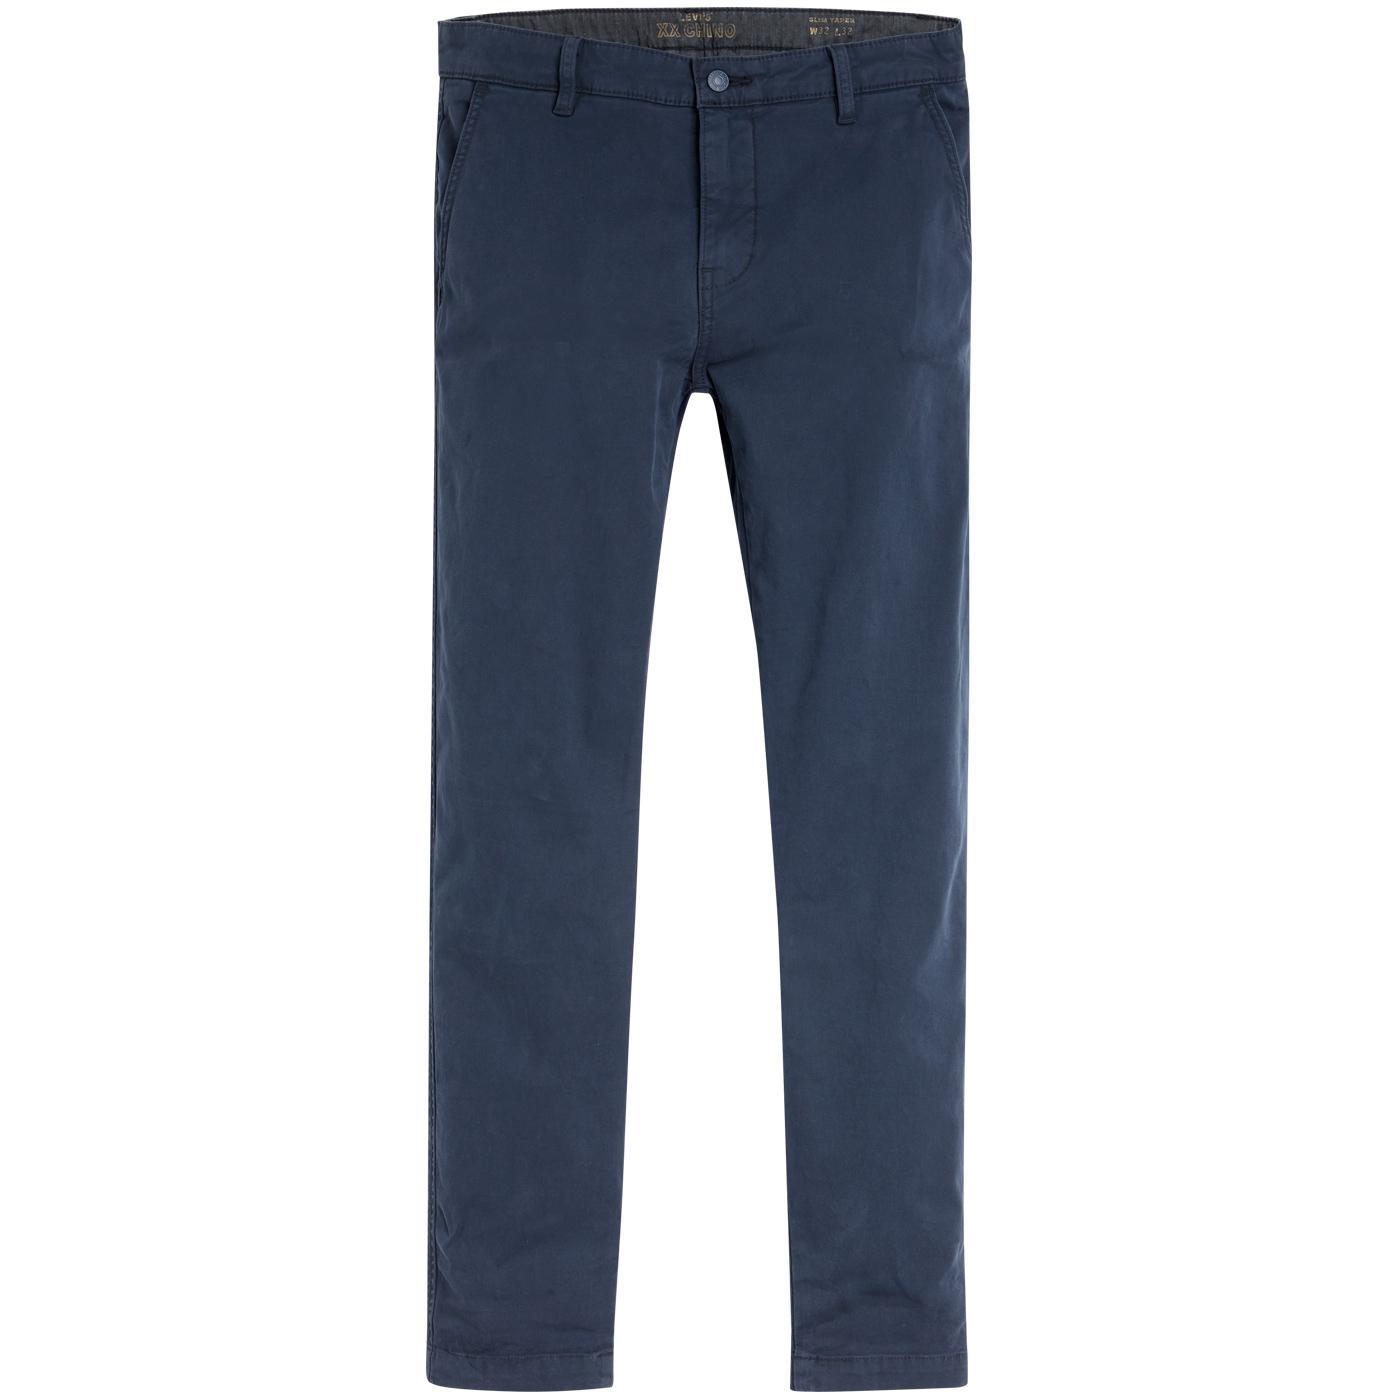 LEVI'S Slim Taper XX Chino II Trousers BALTIC NAVY